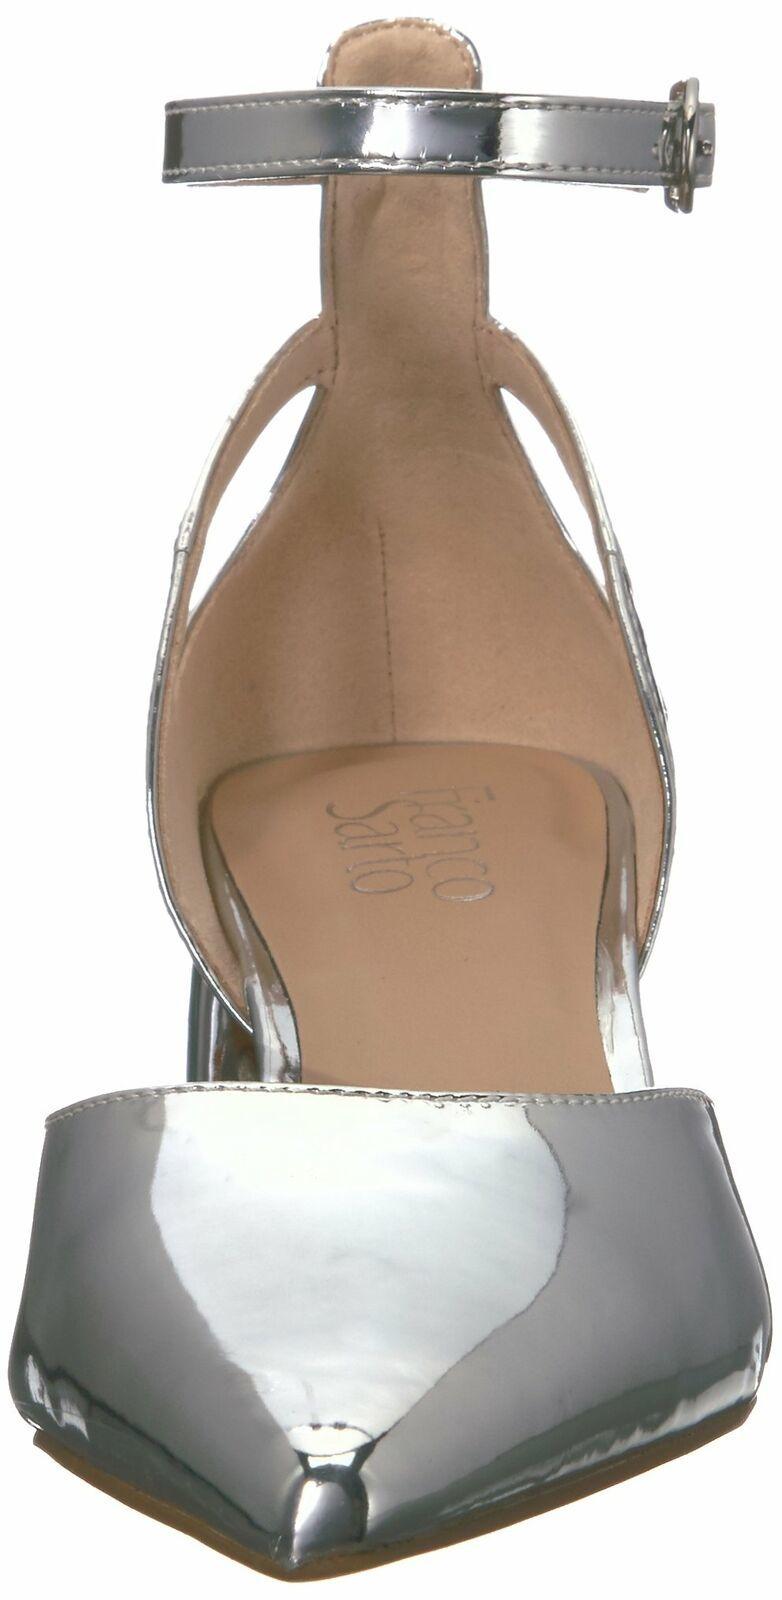 Franco Sarto Women's Caleigh Pump 6.5 Silver image 2